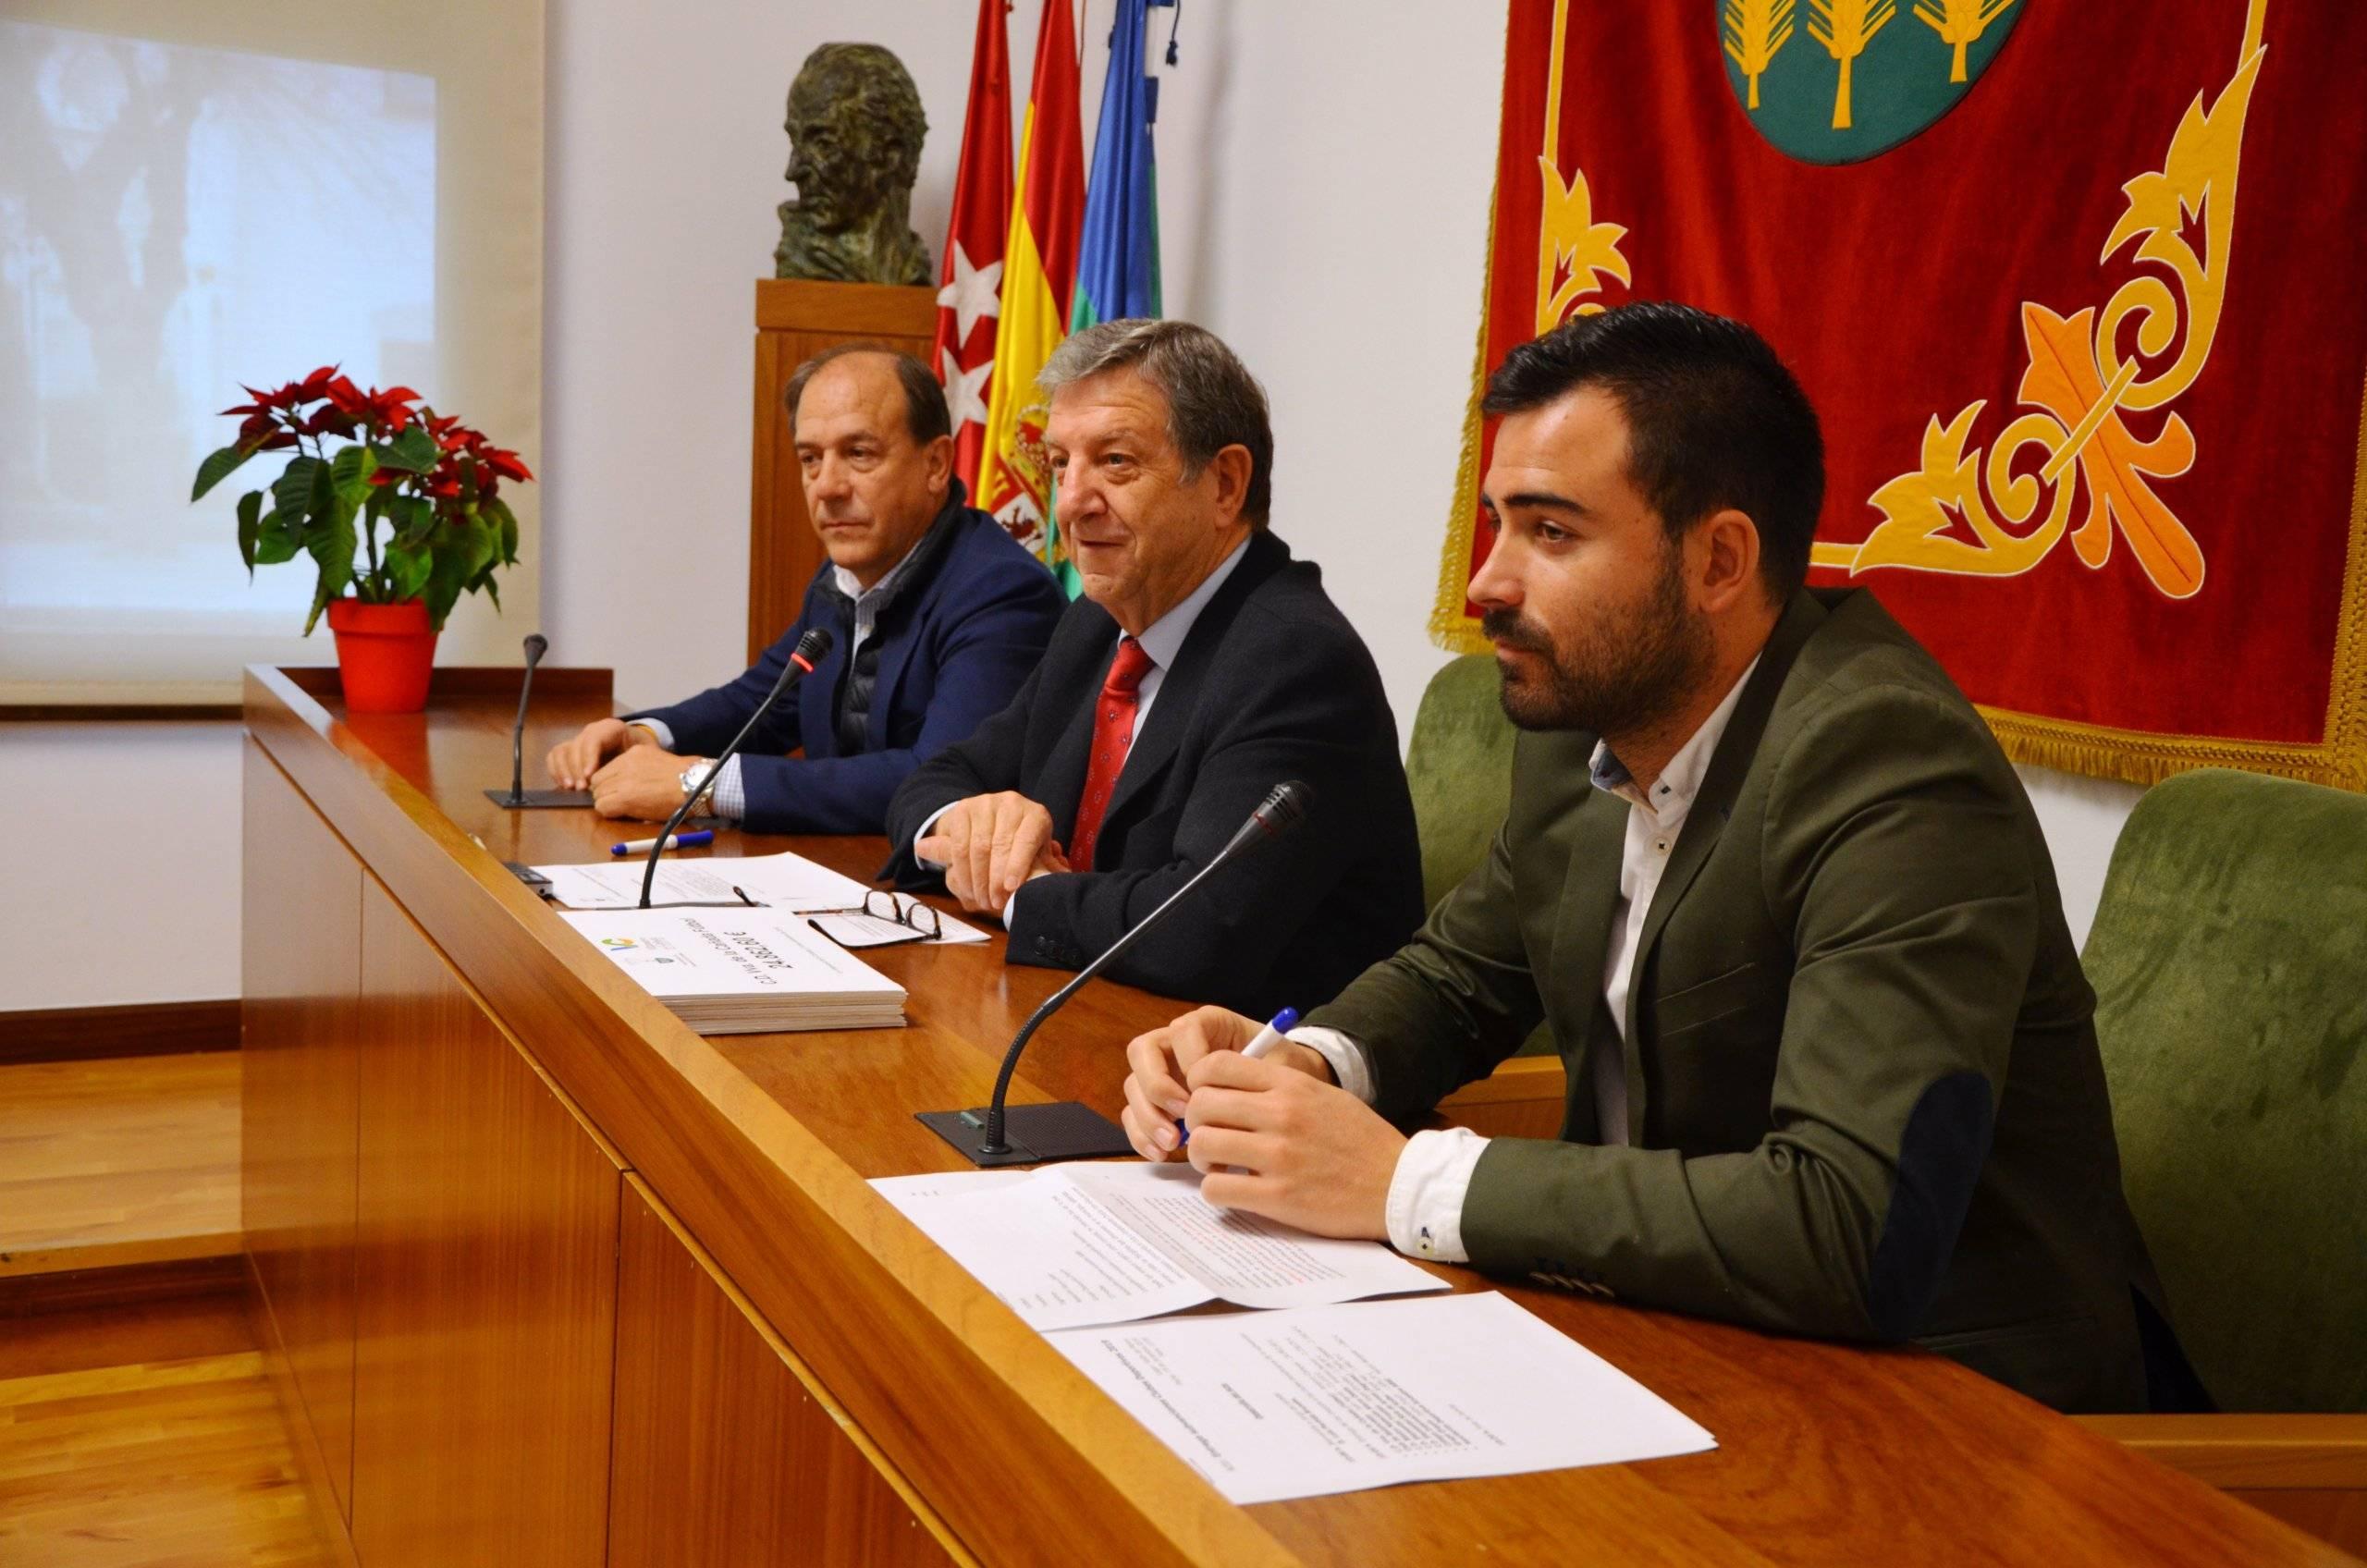 El alcalde, Luis Partida, junto al teniente de alcalde, Enrique Serrano y el concejal de Deportes, Ignacio González.